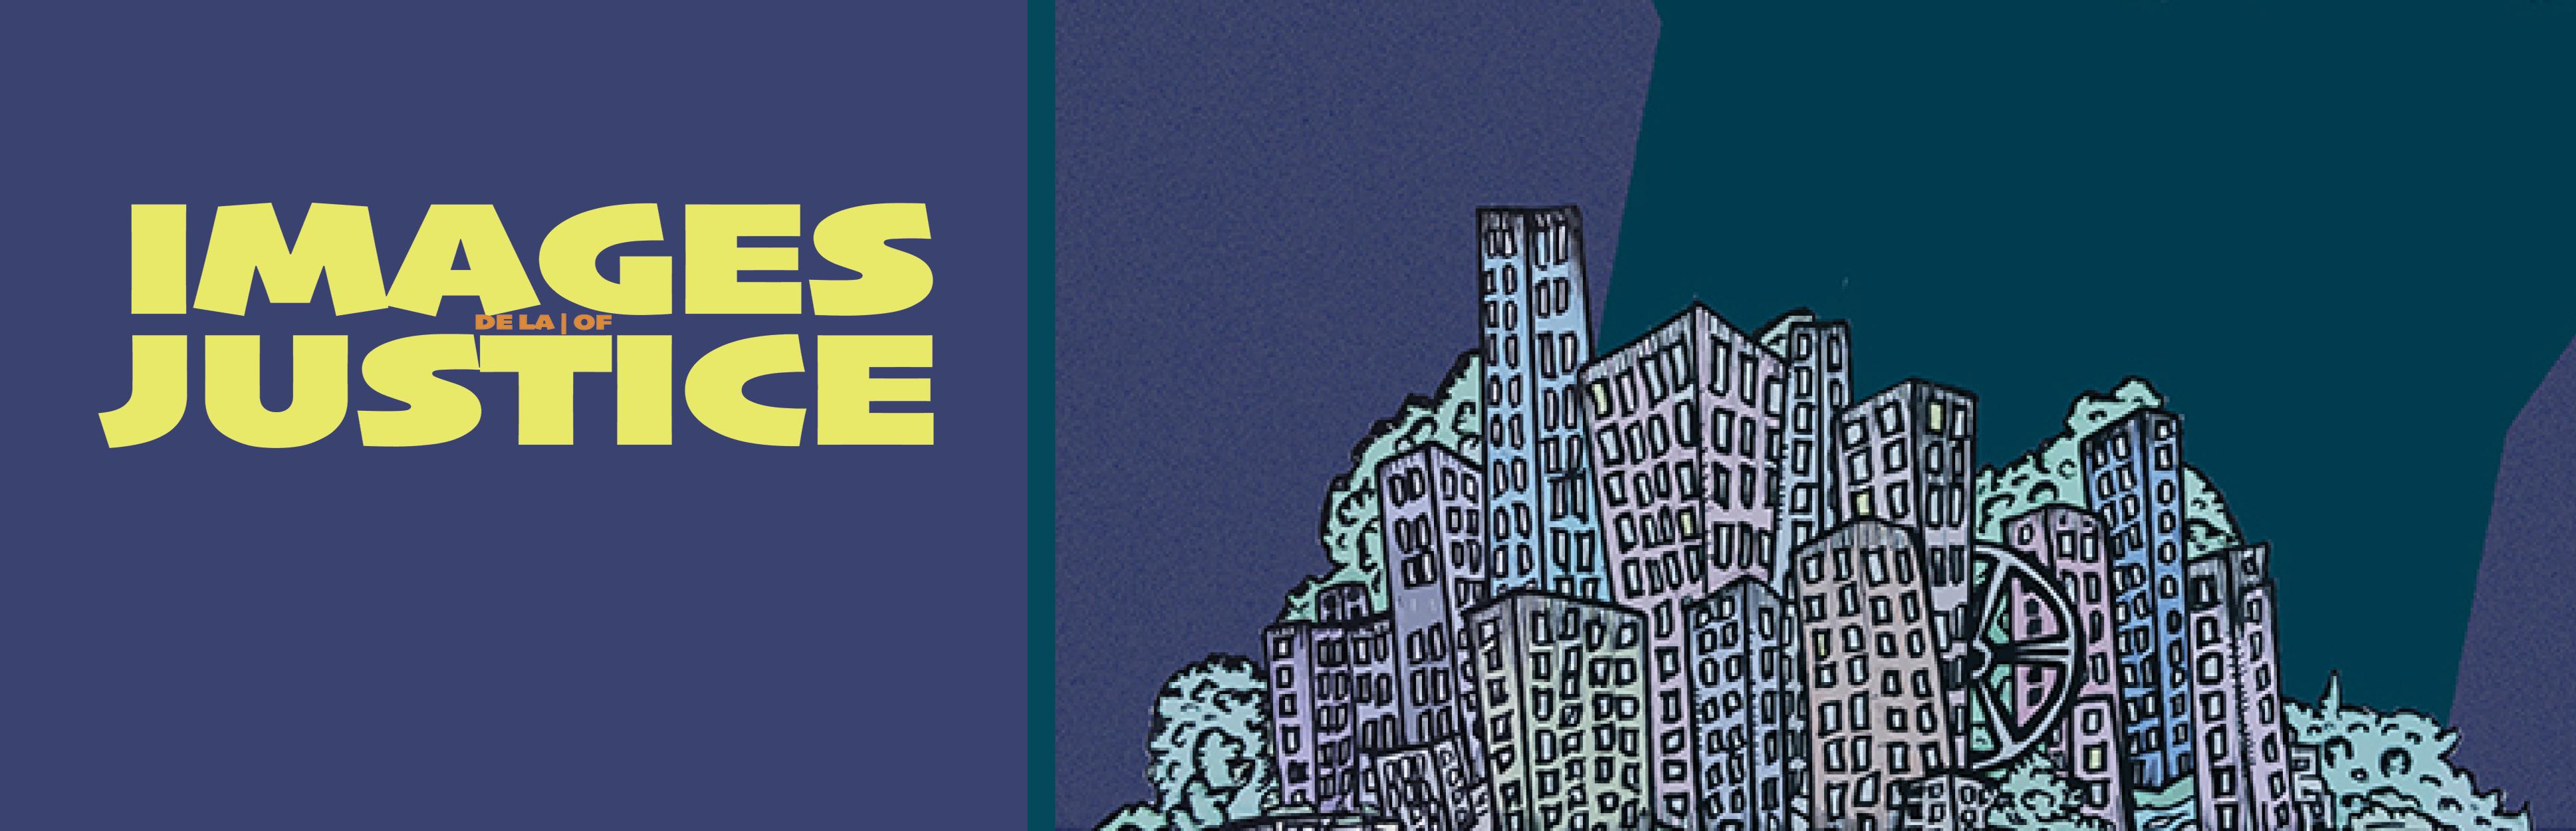 Images de la justice : dessin de gratte-ciel sur un fond mauve